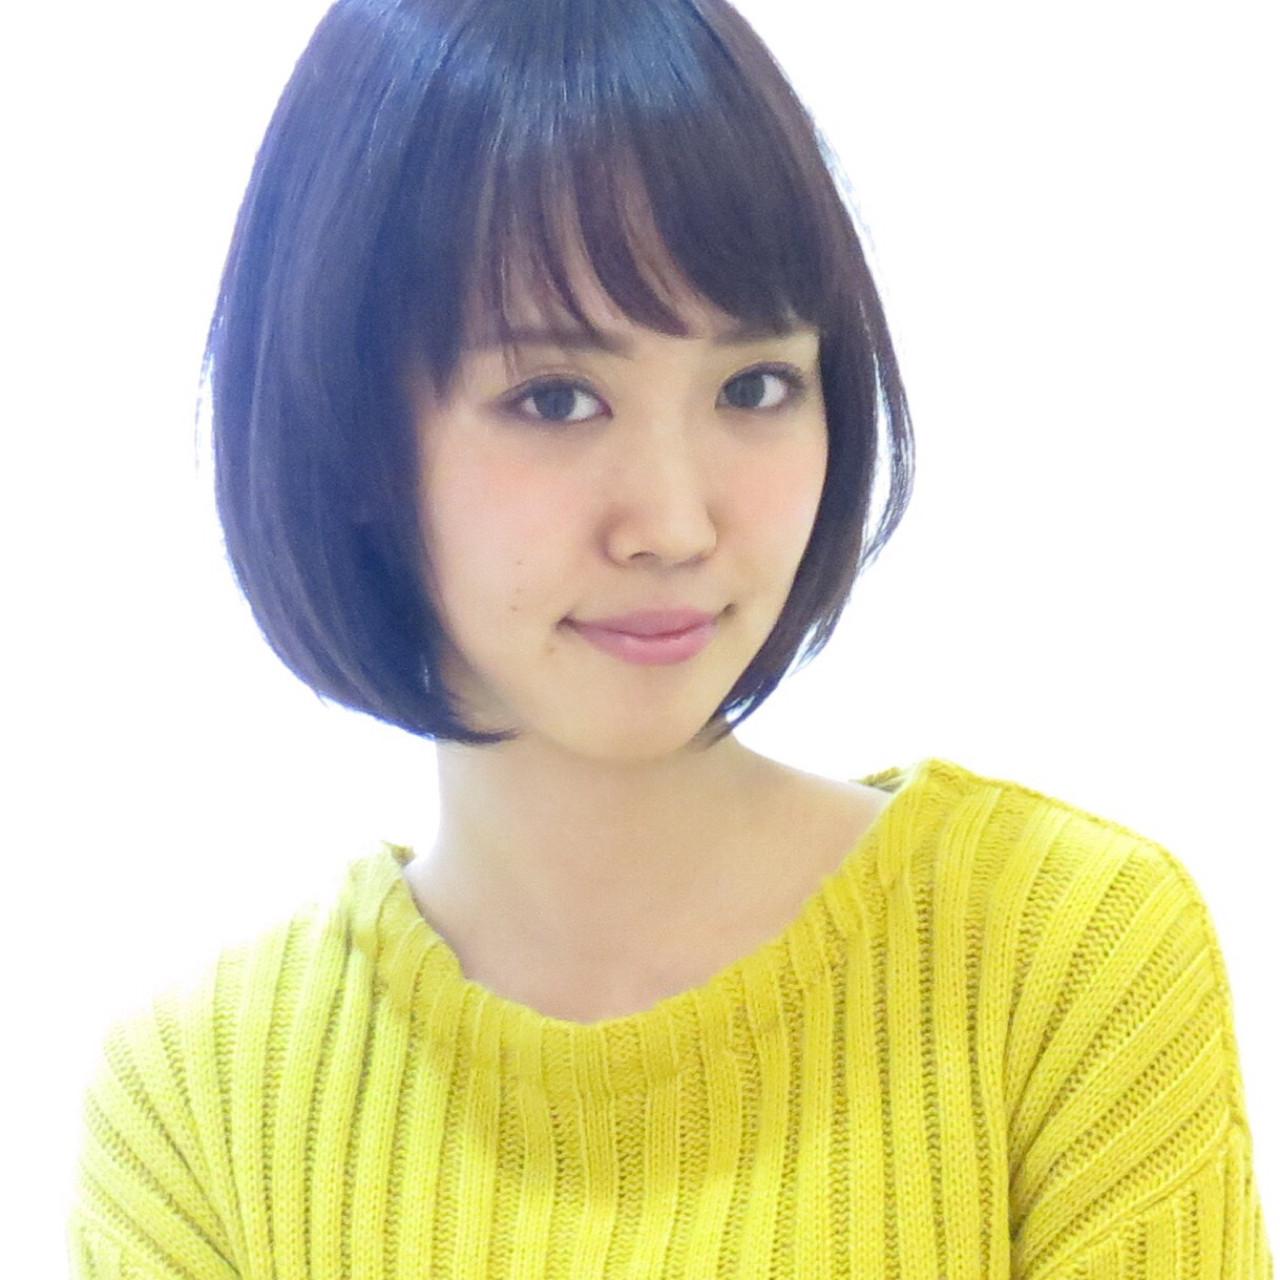 ニュアンス ショート パープル 黒髪 ヘアスタイルや髪型の写真・画像 | イマムラ スナオ / LUKE